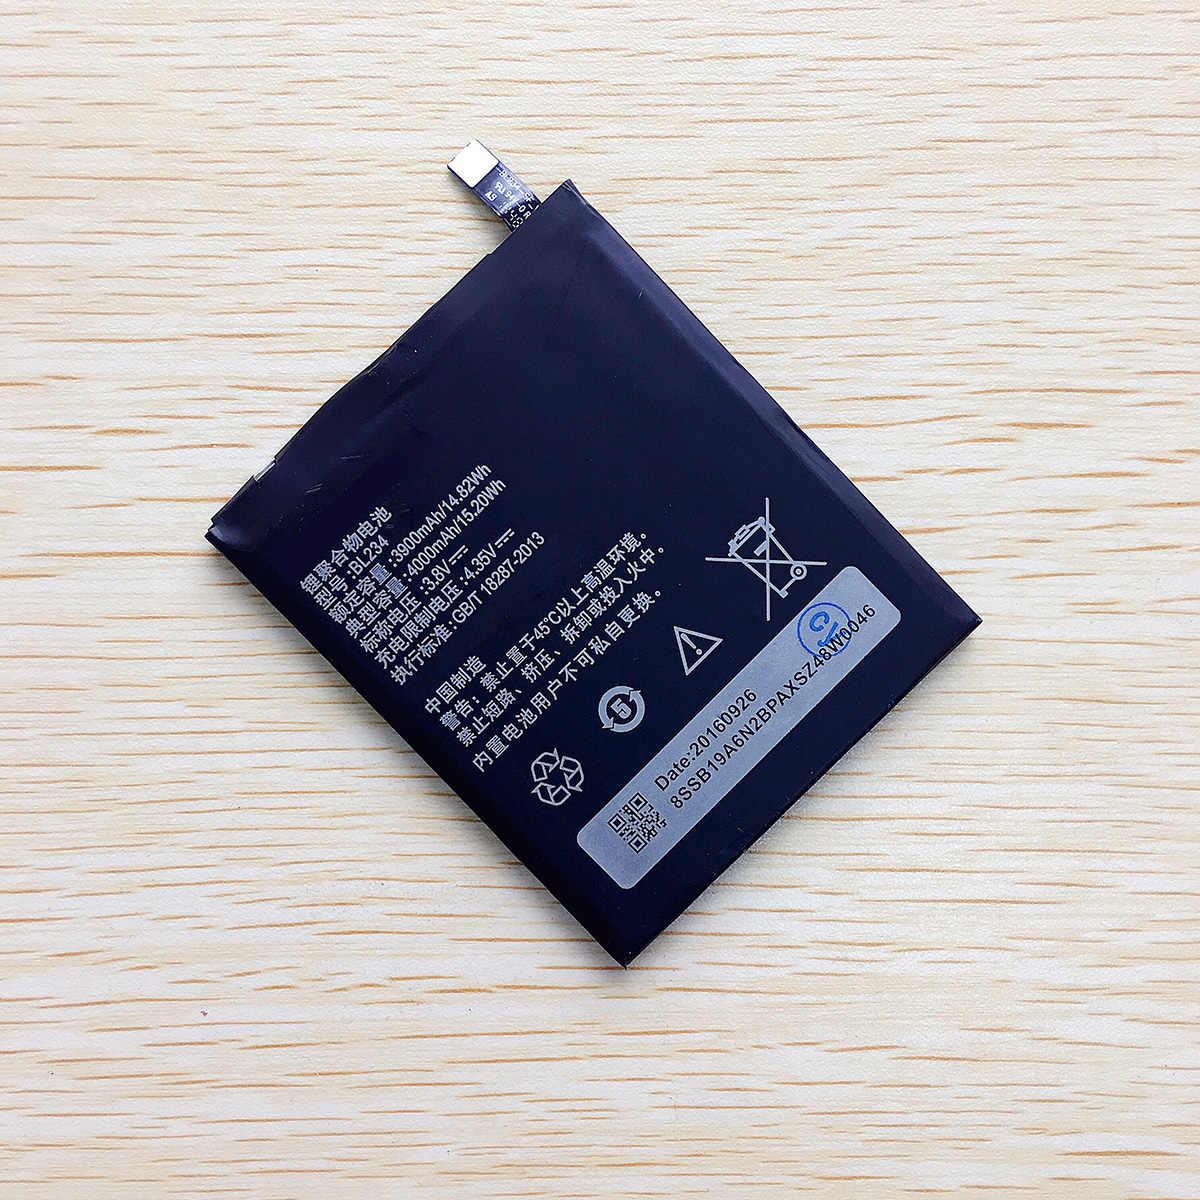 CUUSEY جديد عالية الجودة بطارية BL234 لينوفو P70 P70t P70-T P1MA40 4000 مللي أمبير الهاتف الخليوي تراكم التجزئة حزمة في الأسهم